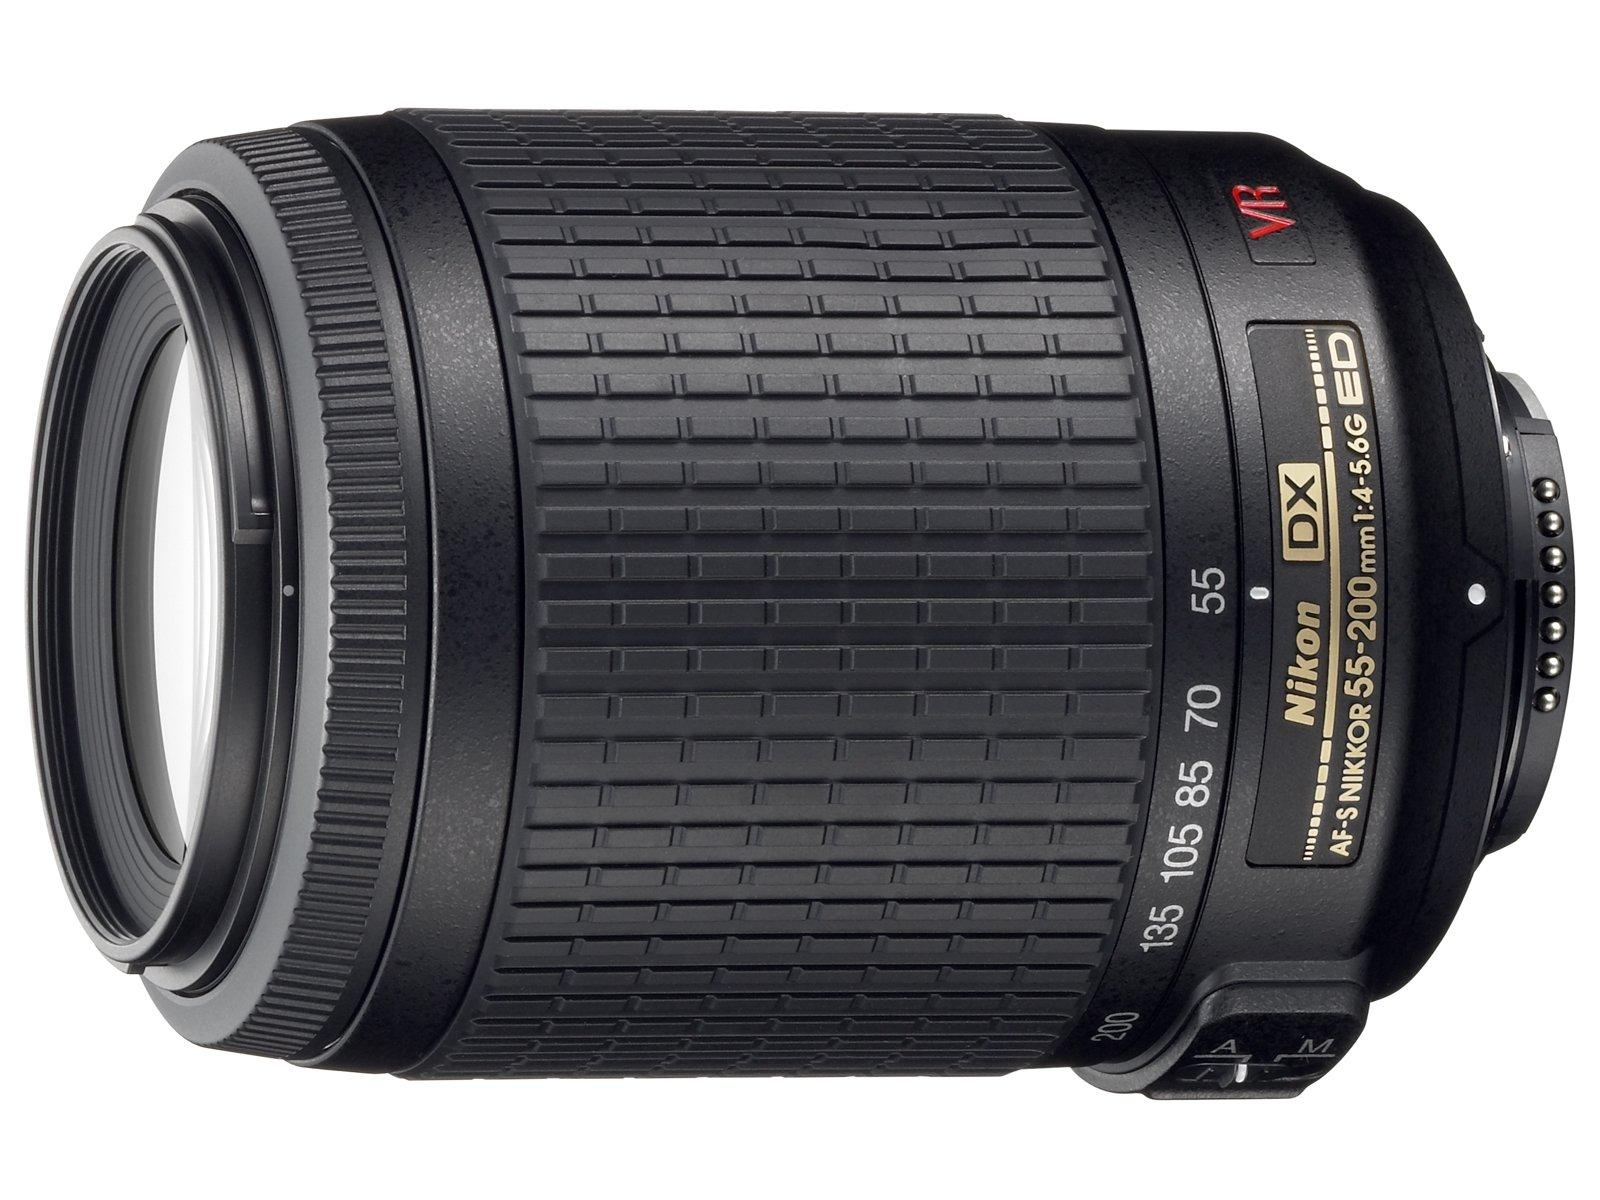 Nikon 55-200mm f/4-5.6G ED IF AF-S DX VR [Vibration Reduction] Nikkor Zoom Lens Bulk packaging (White box, New) by Nikon